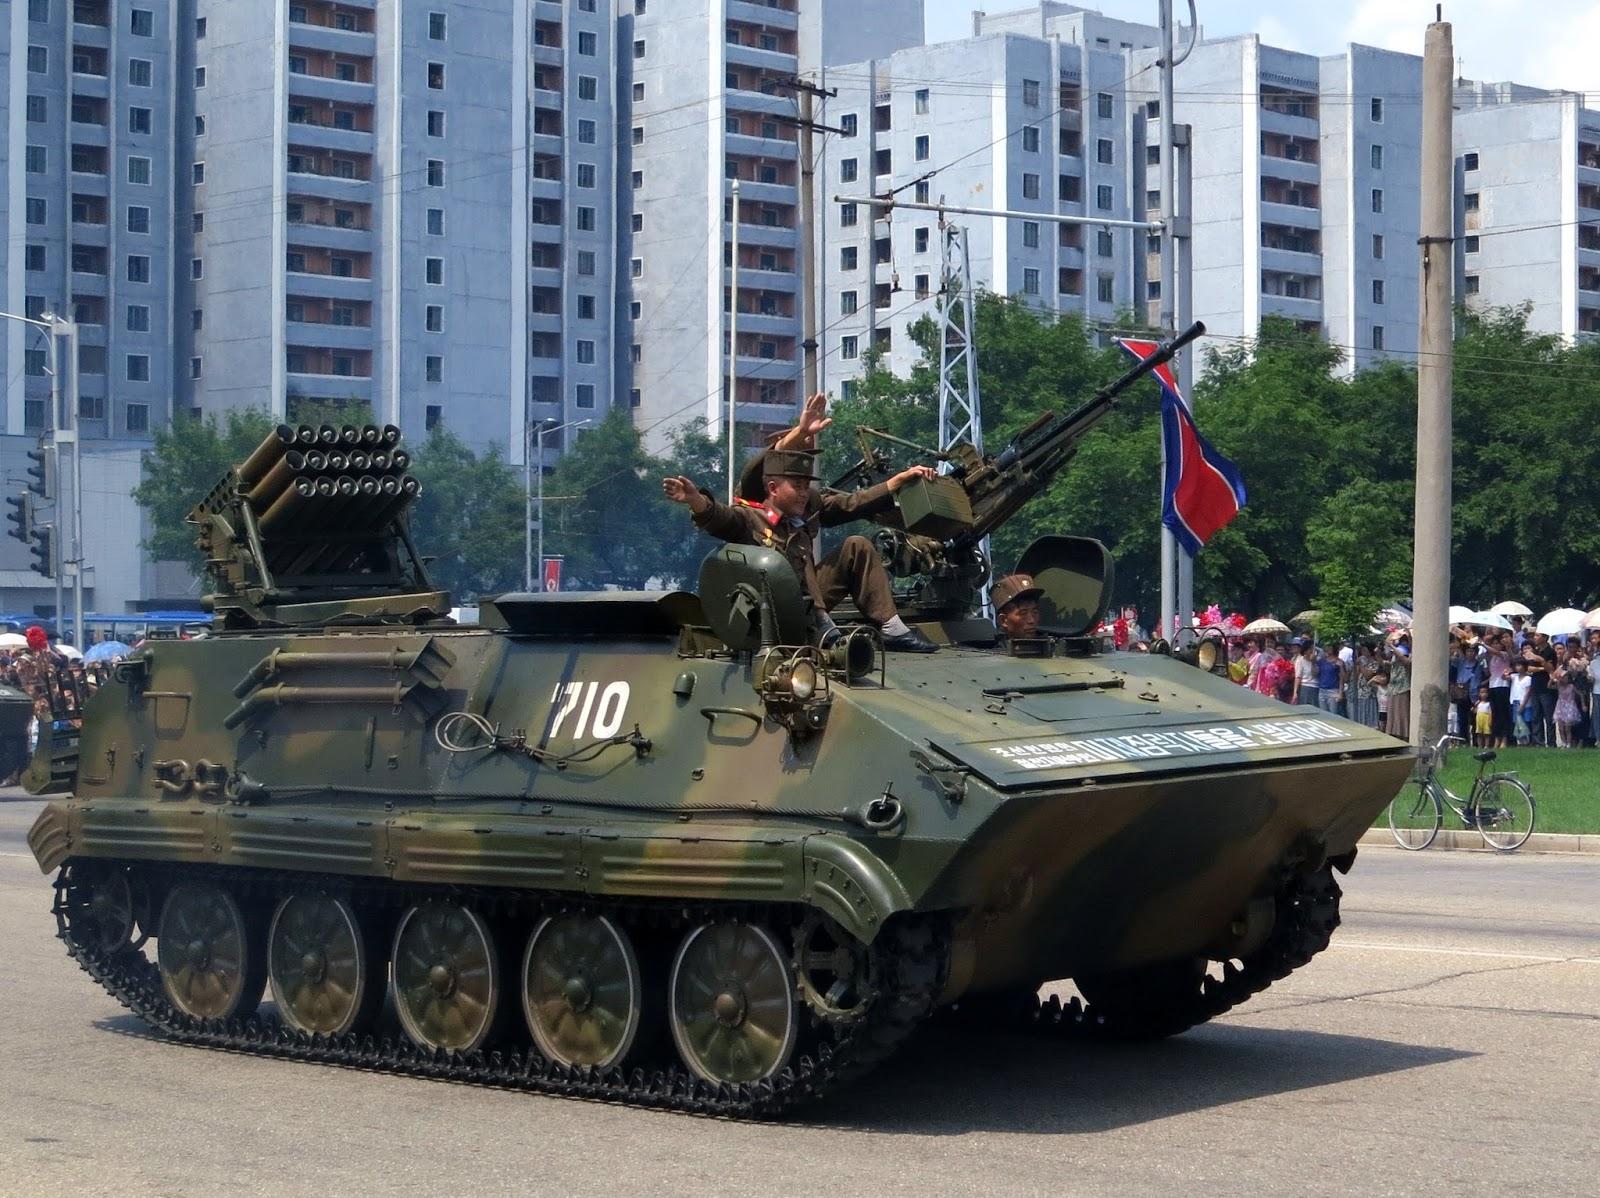 107mm-RML-VTT323